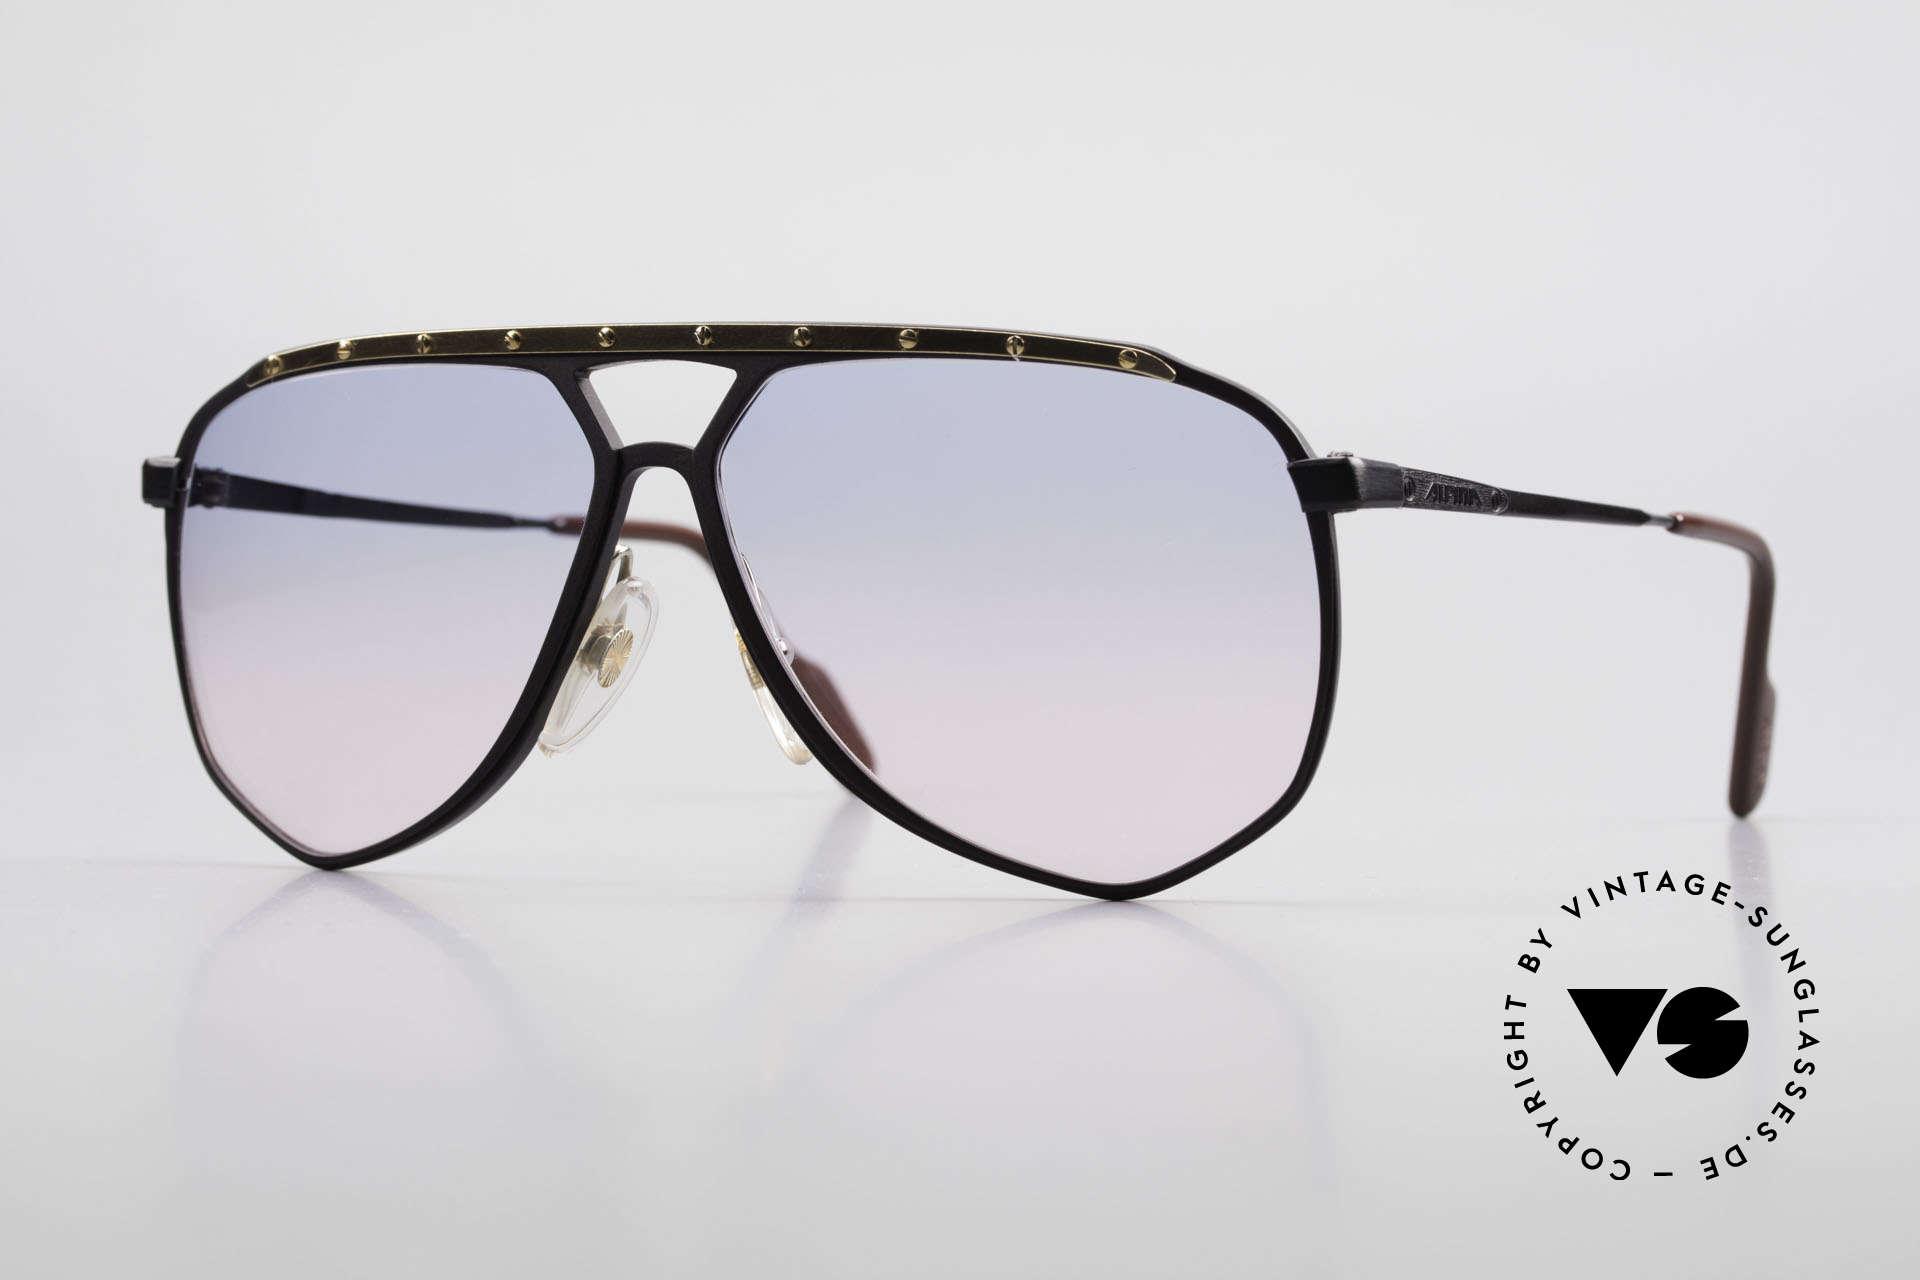 Alpina M1/4 Alte 80er Brille Baby-Blau Pink, M1/4 die Modifikation der legendären ALPINA M1, Passend für Herren